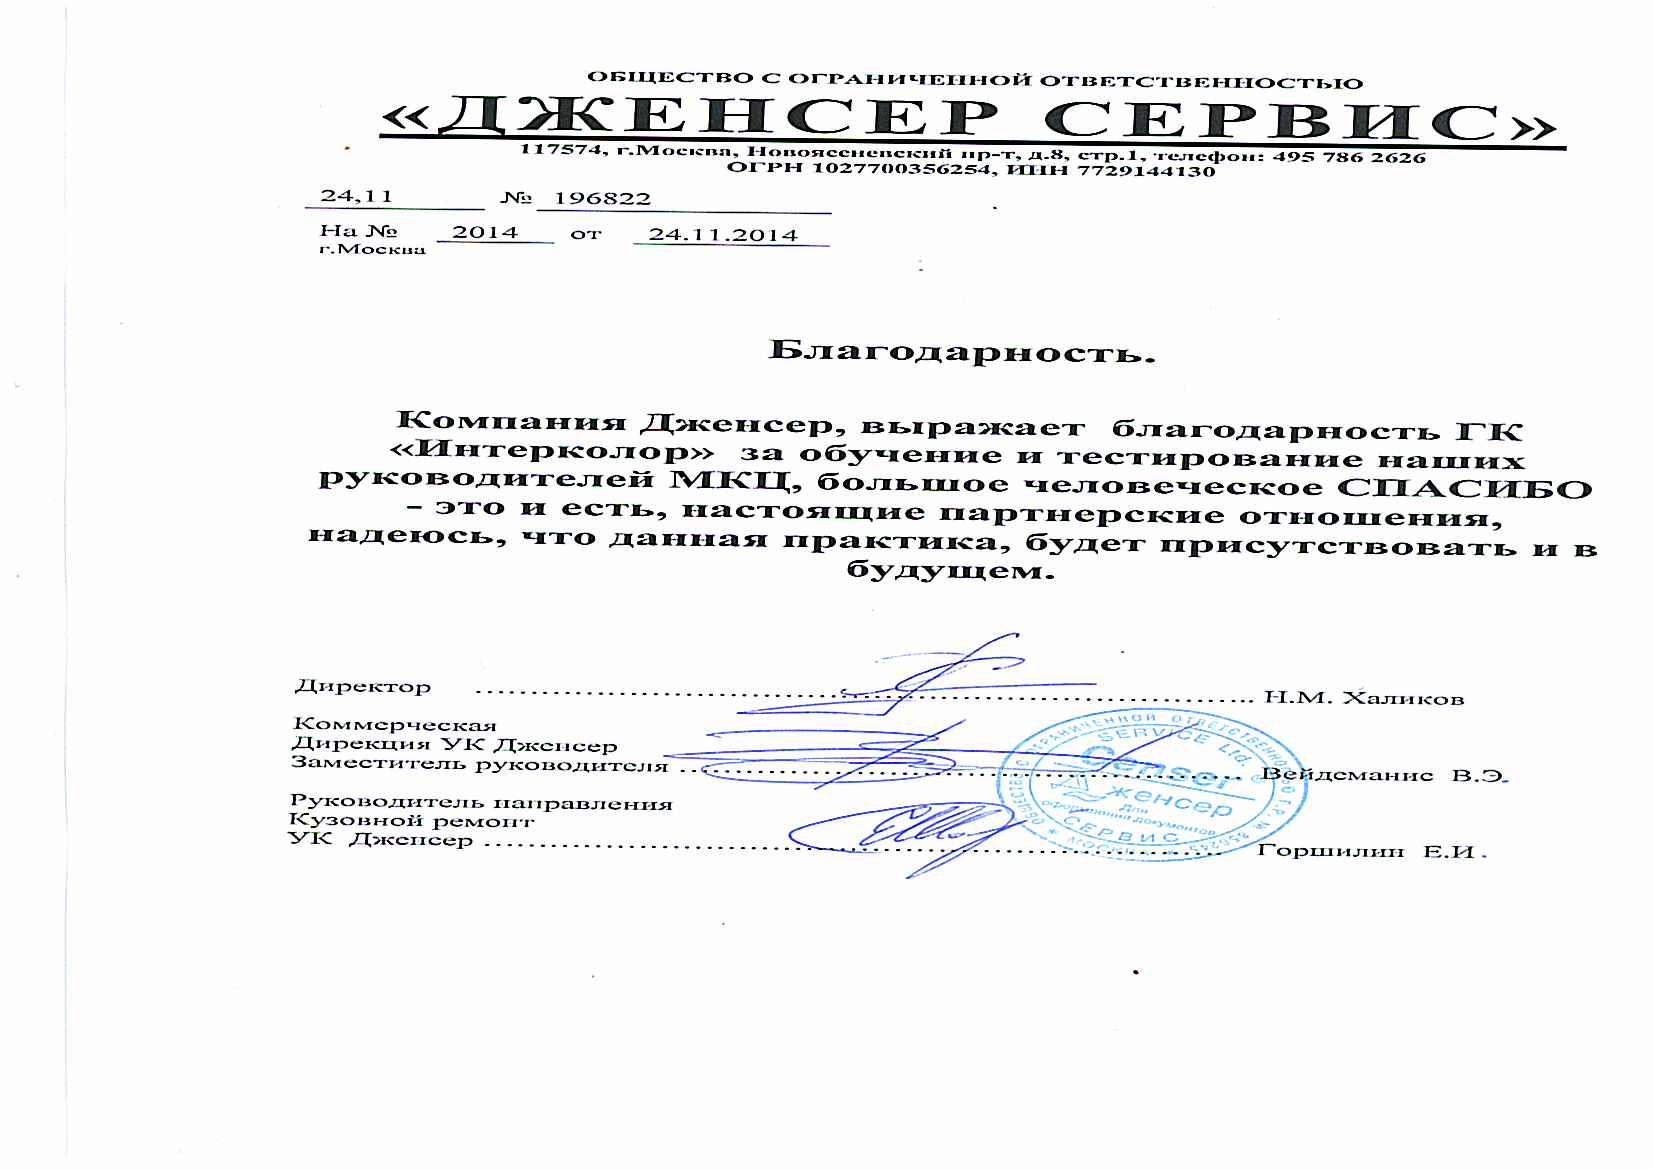 ООО Дженсер Сервис, г.Москва